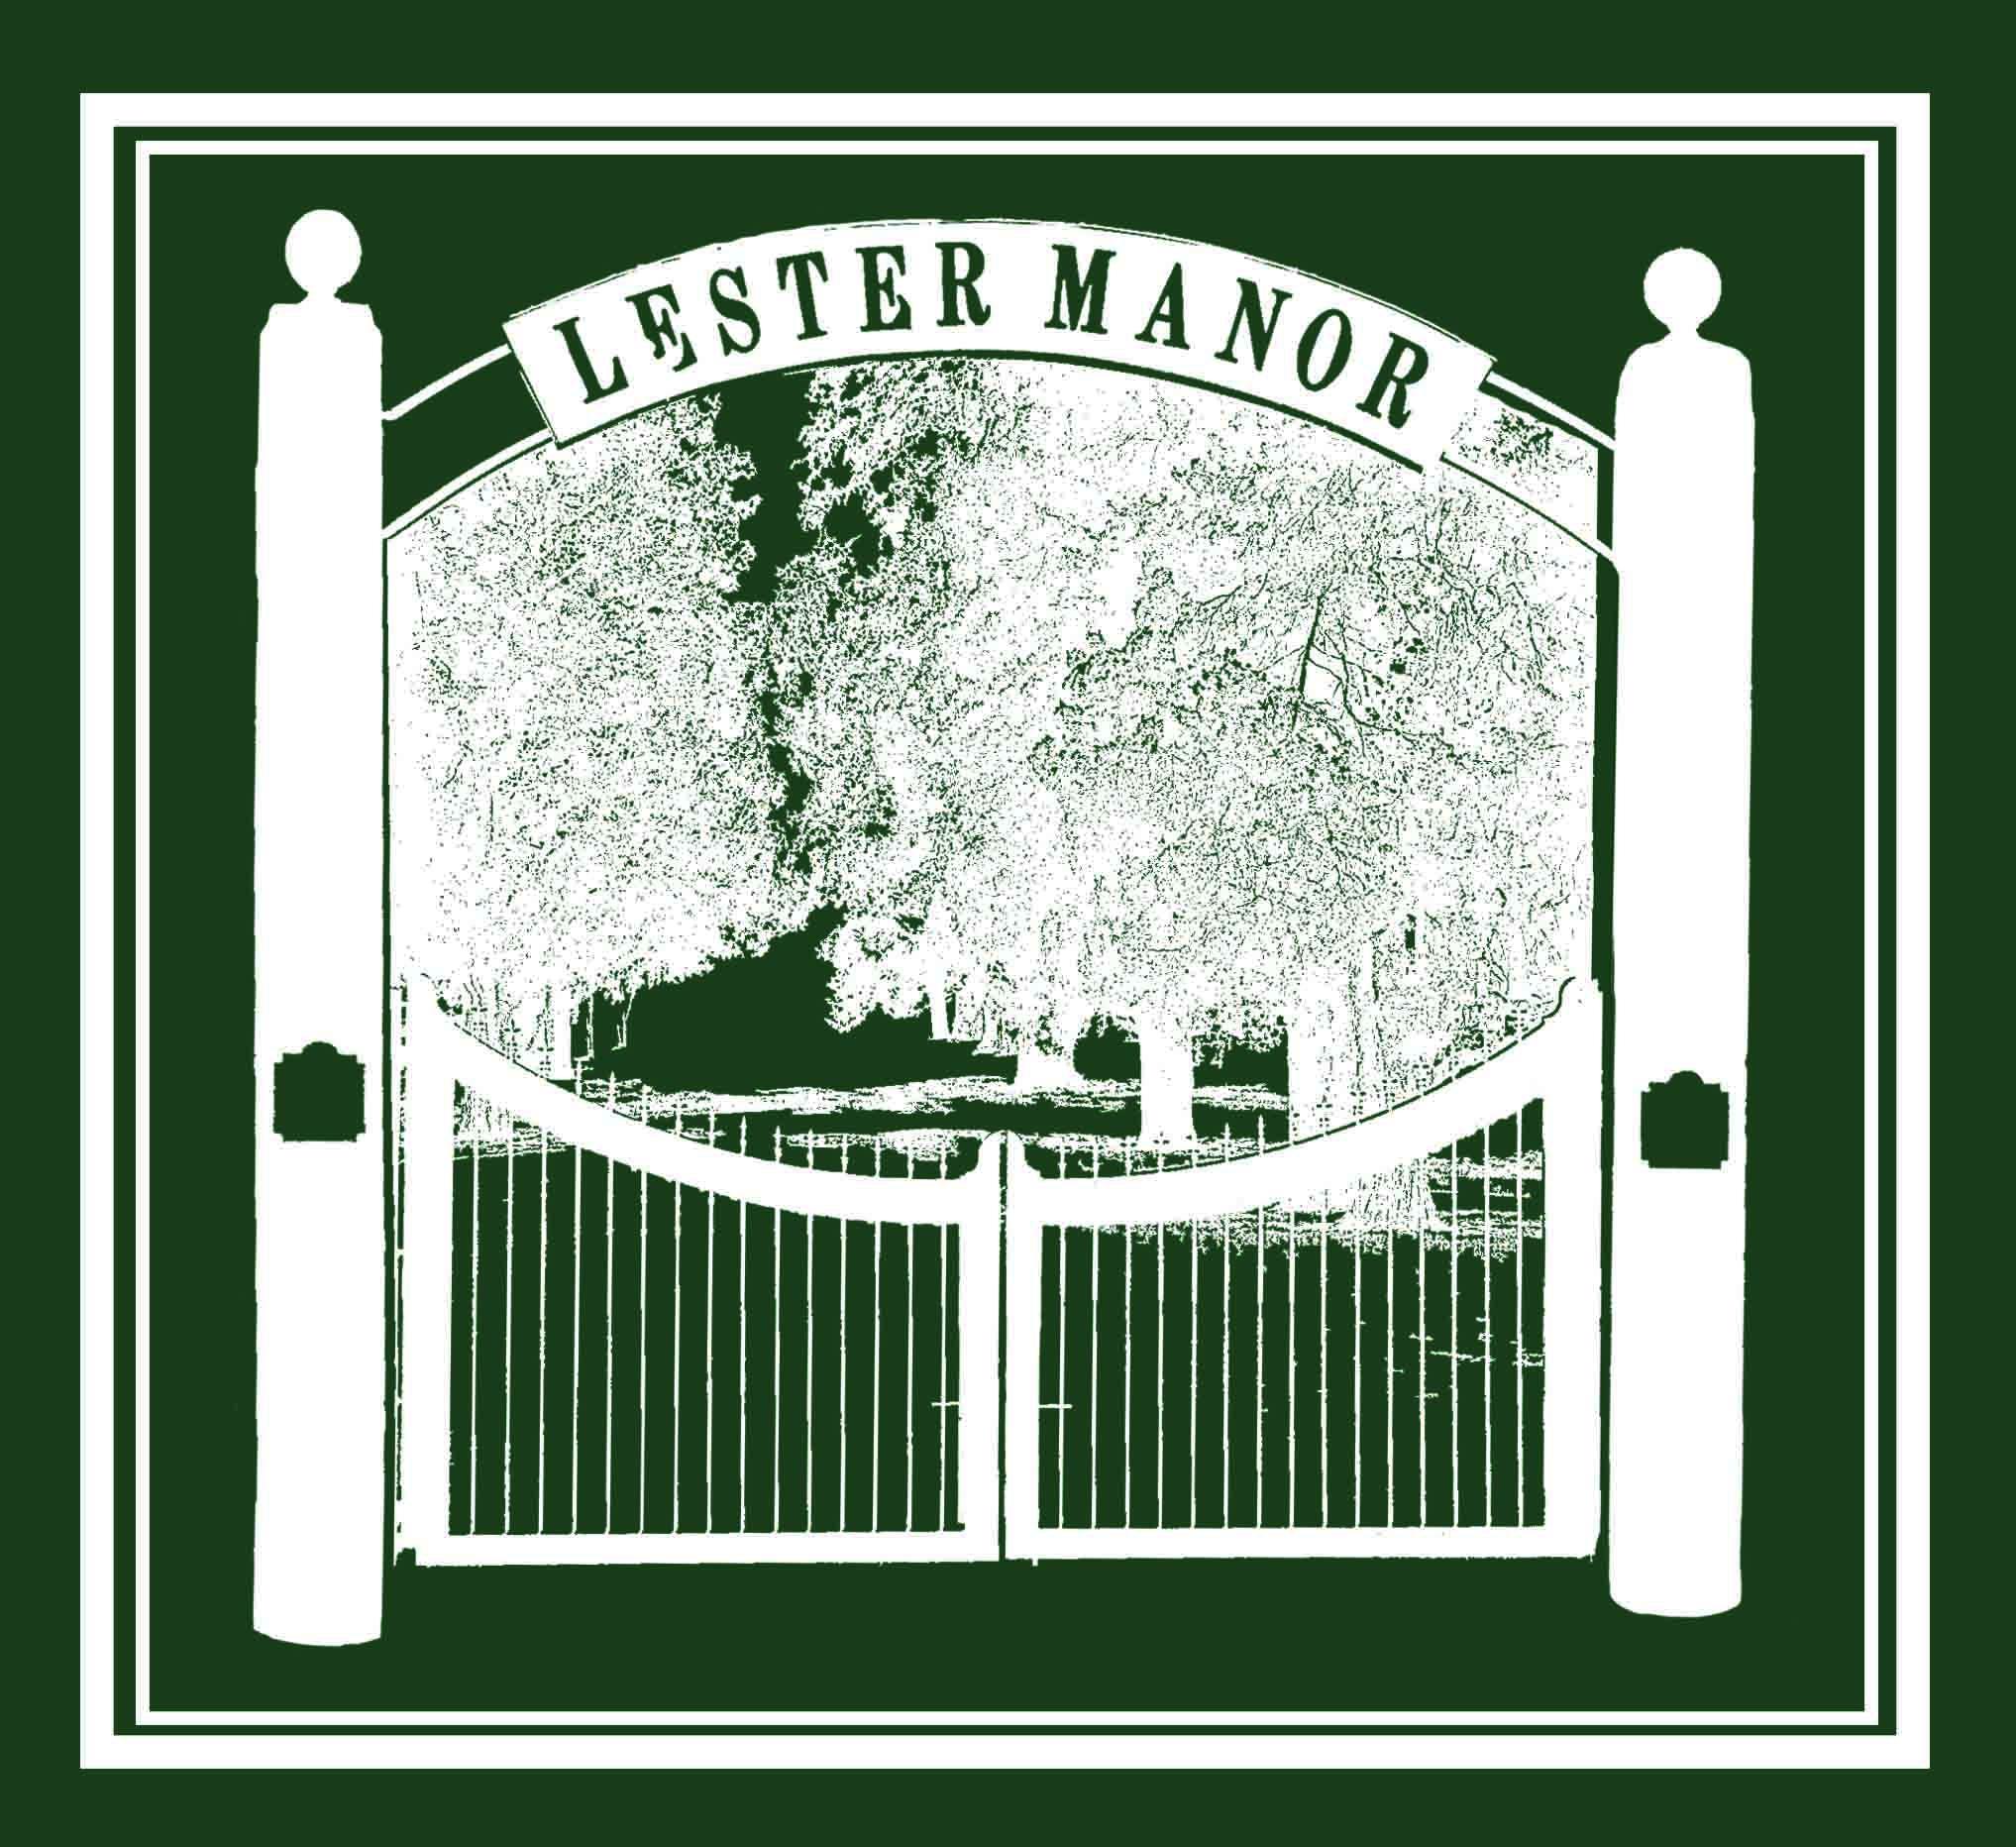 LesterManor